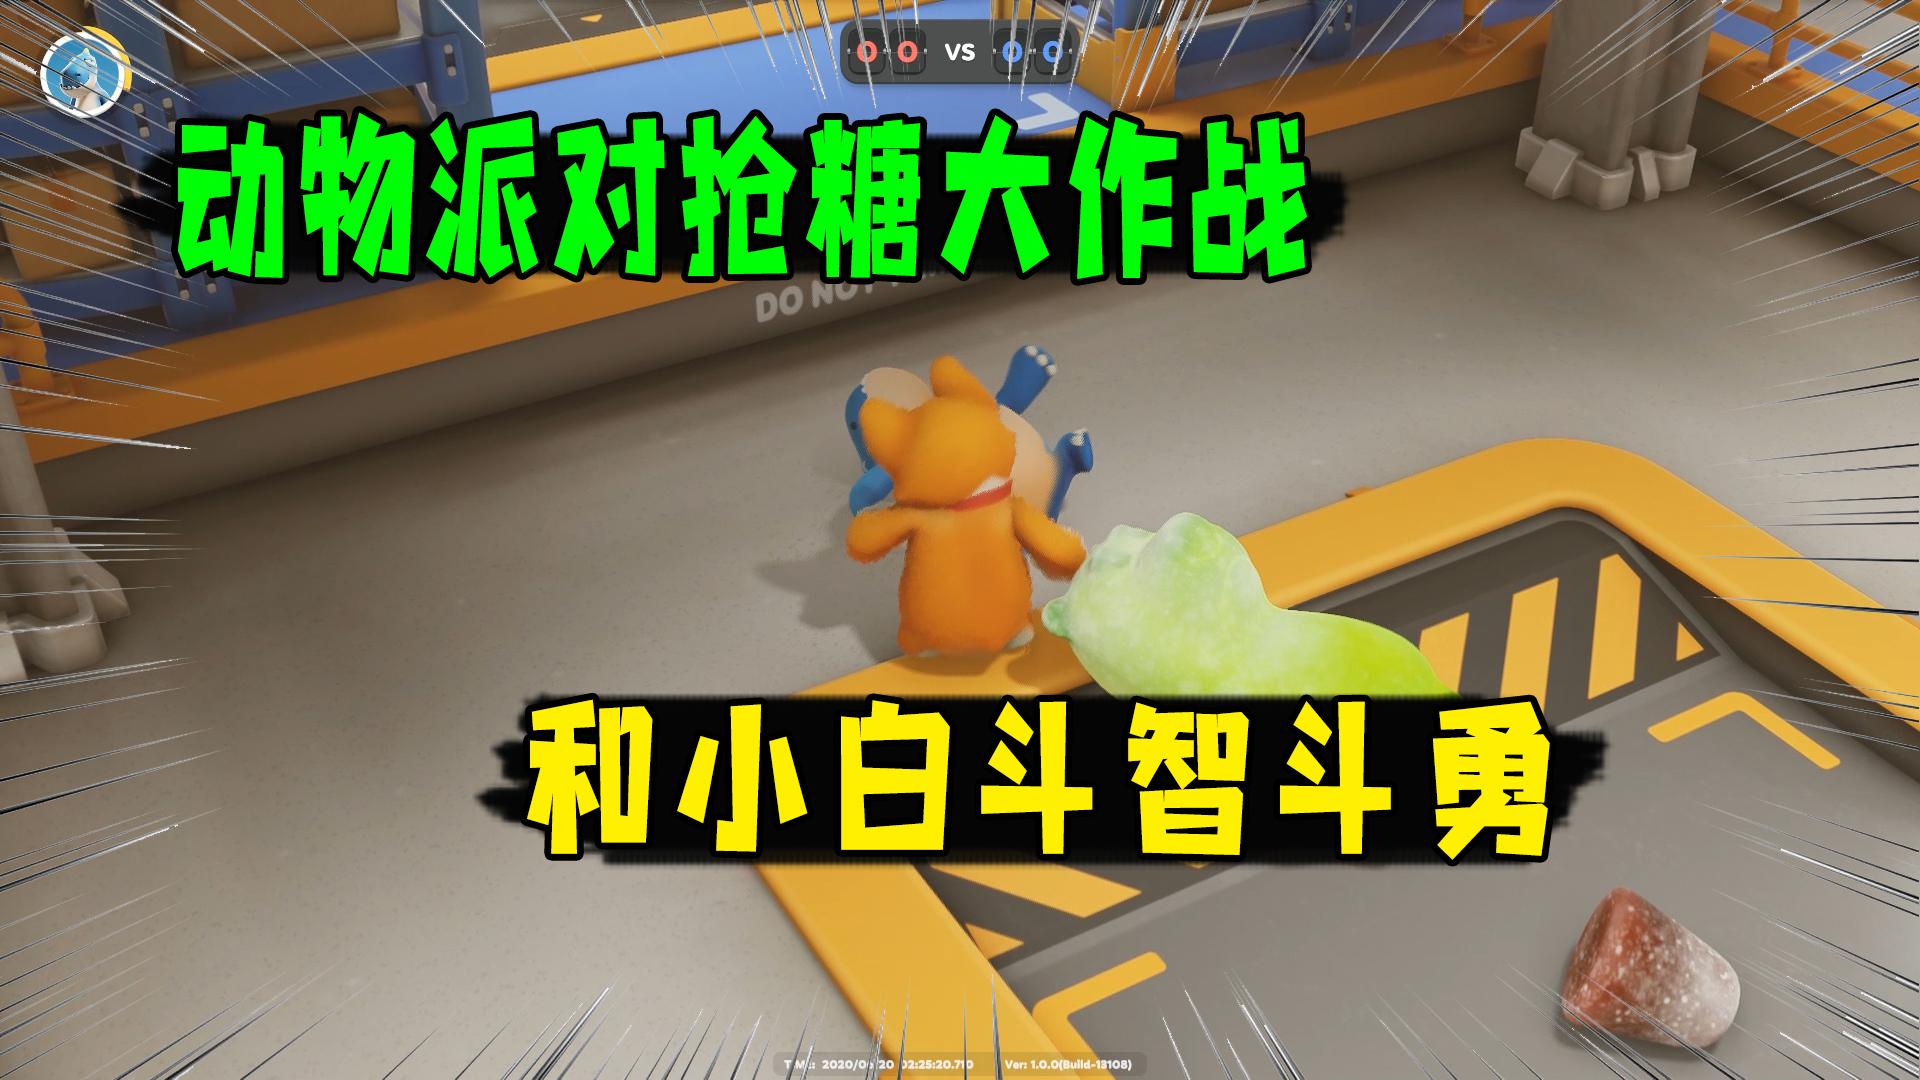 动物派对联机02:滚滚一挑二大战狗兔组合,捏住小白狗嘴不放手